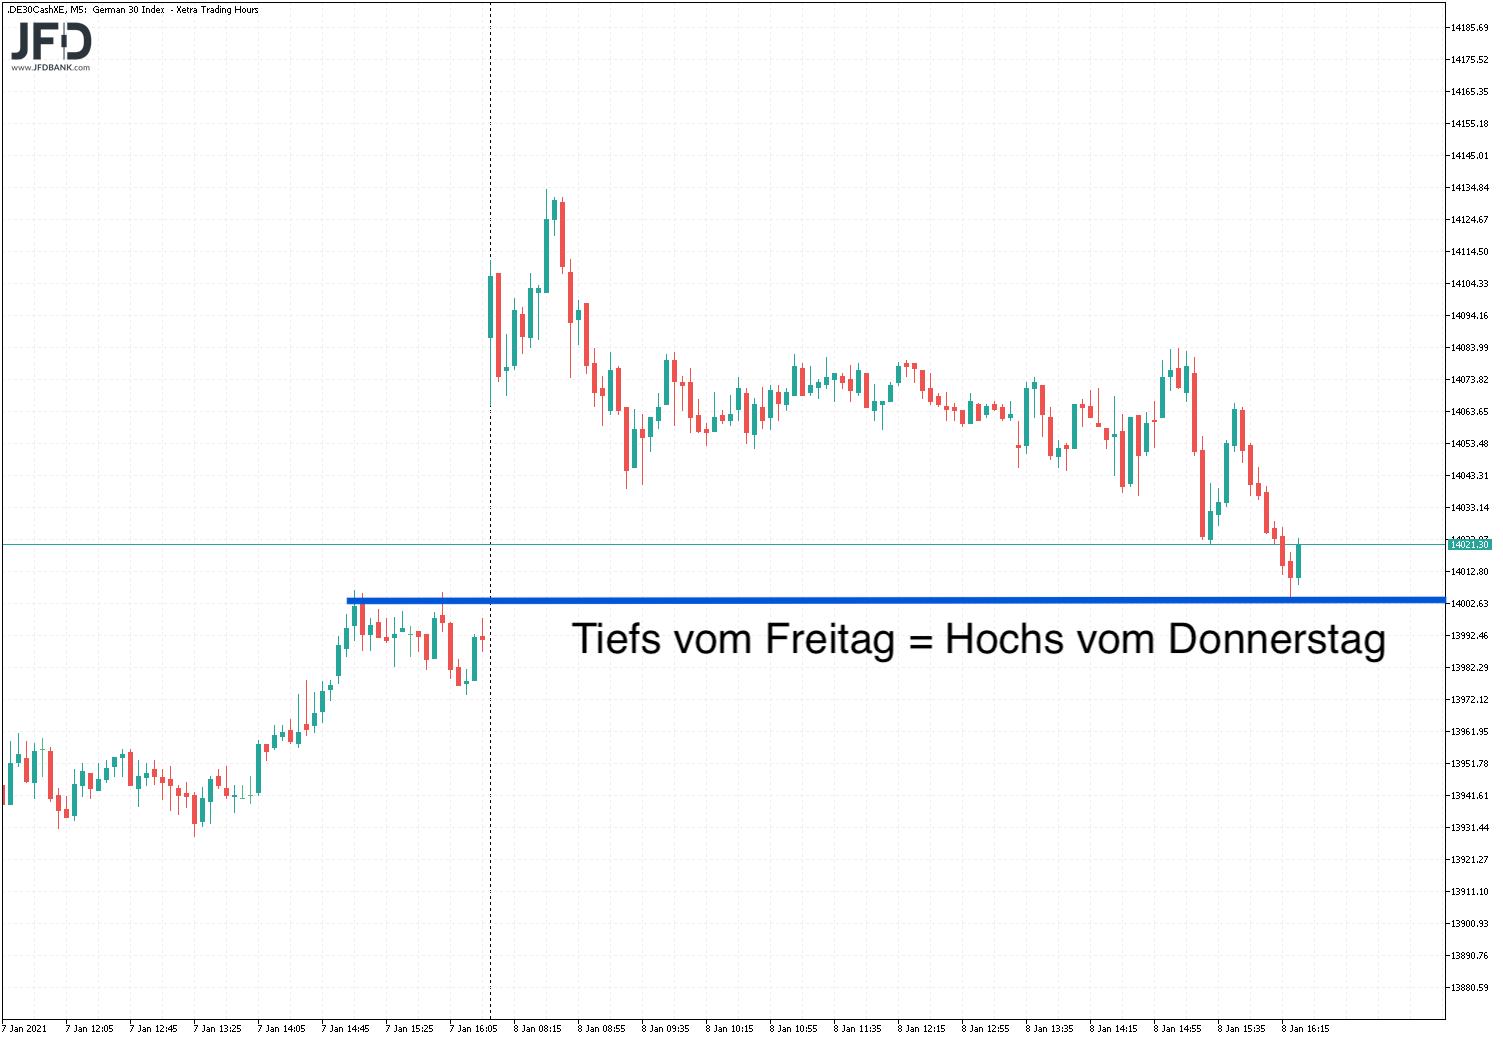 Vorsicht-bei-der-nächsten-DAX-Korrektur-Kommentar-JFD-Bank-GodmodeTrader.de-2